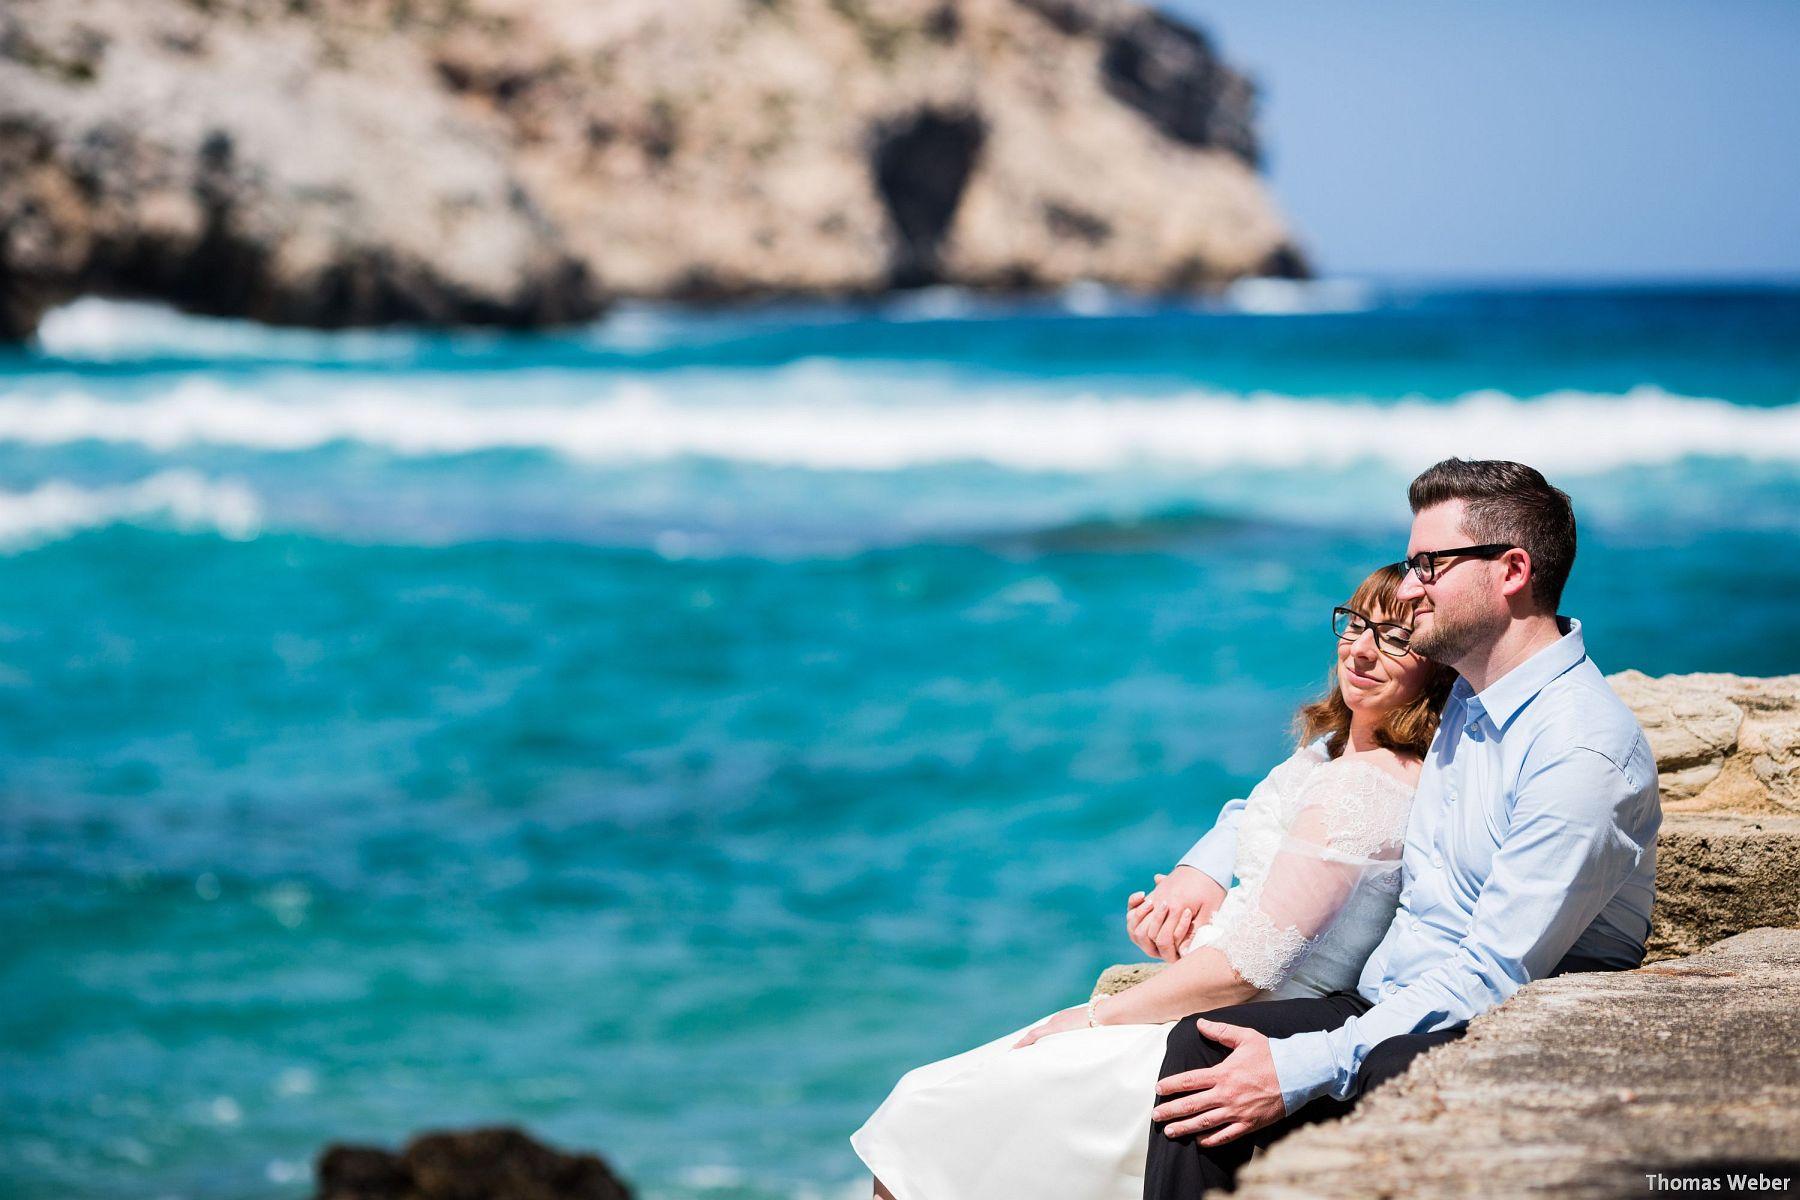 Hochzeitsfotograf Thomas Weber aus Oldenburg: Hochzeitsfotos und Paarfotos auf Mallorca (40)